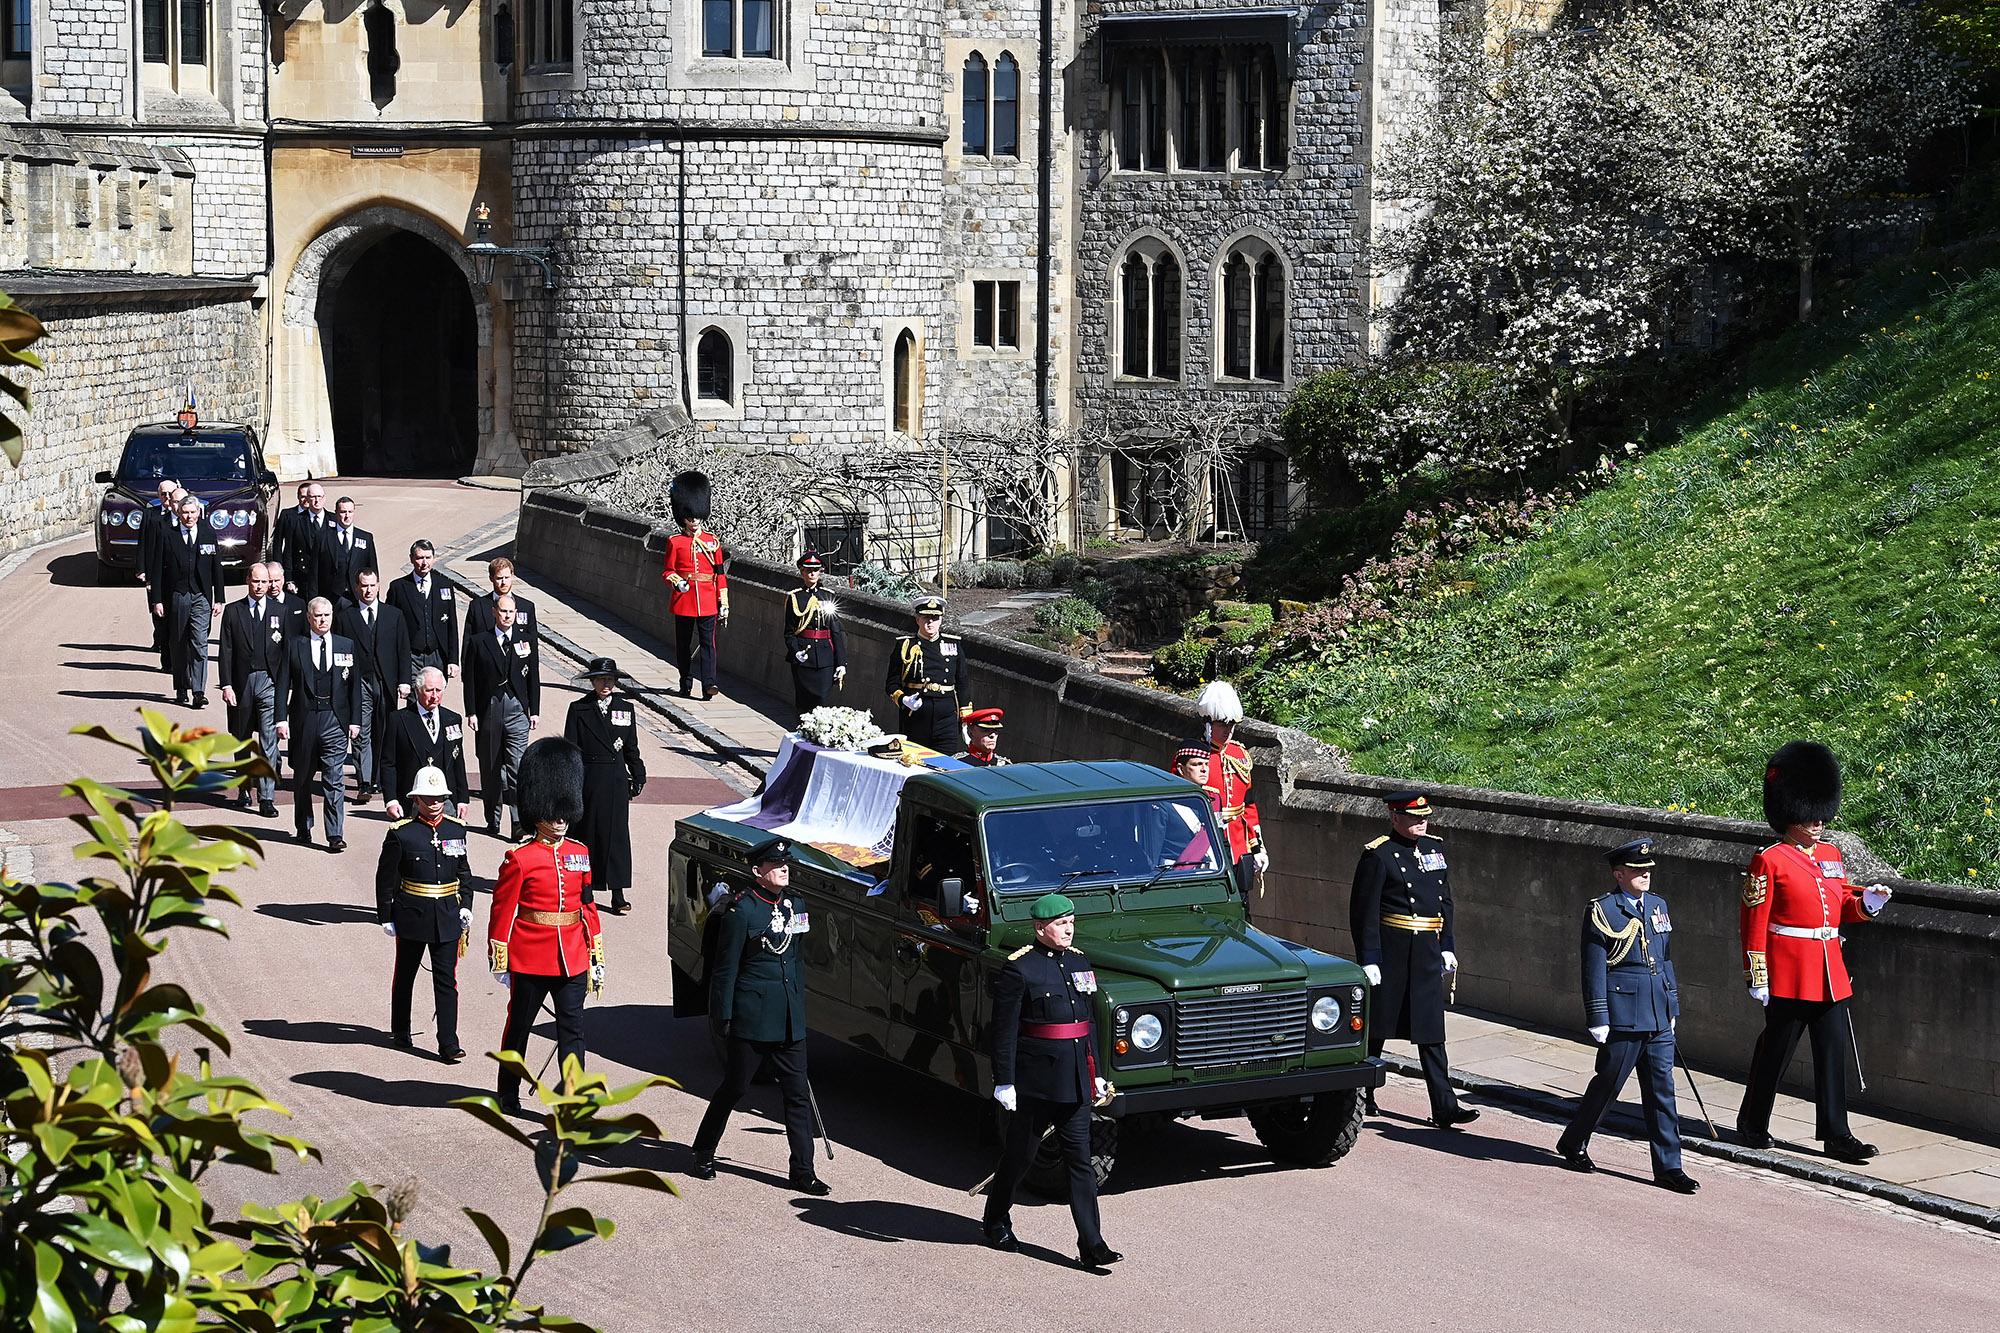 Obsèques du prince Philip: les images de la procession funéraire à Windsor